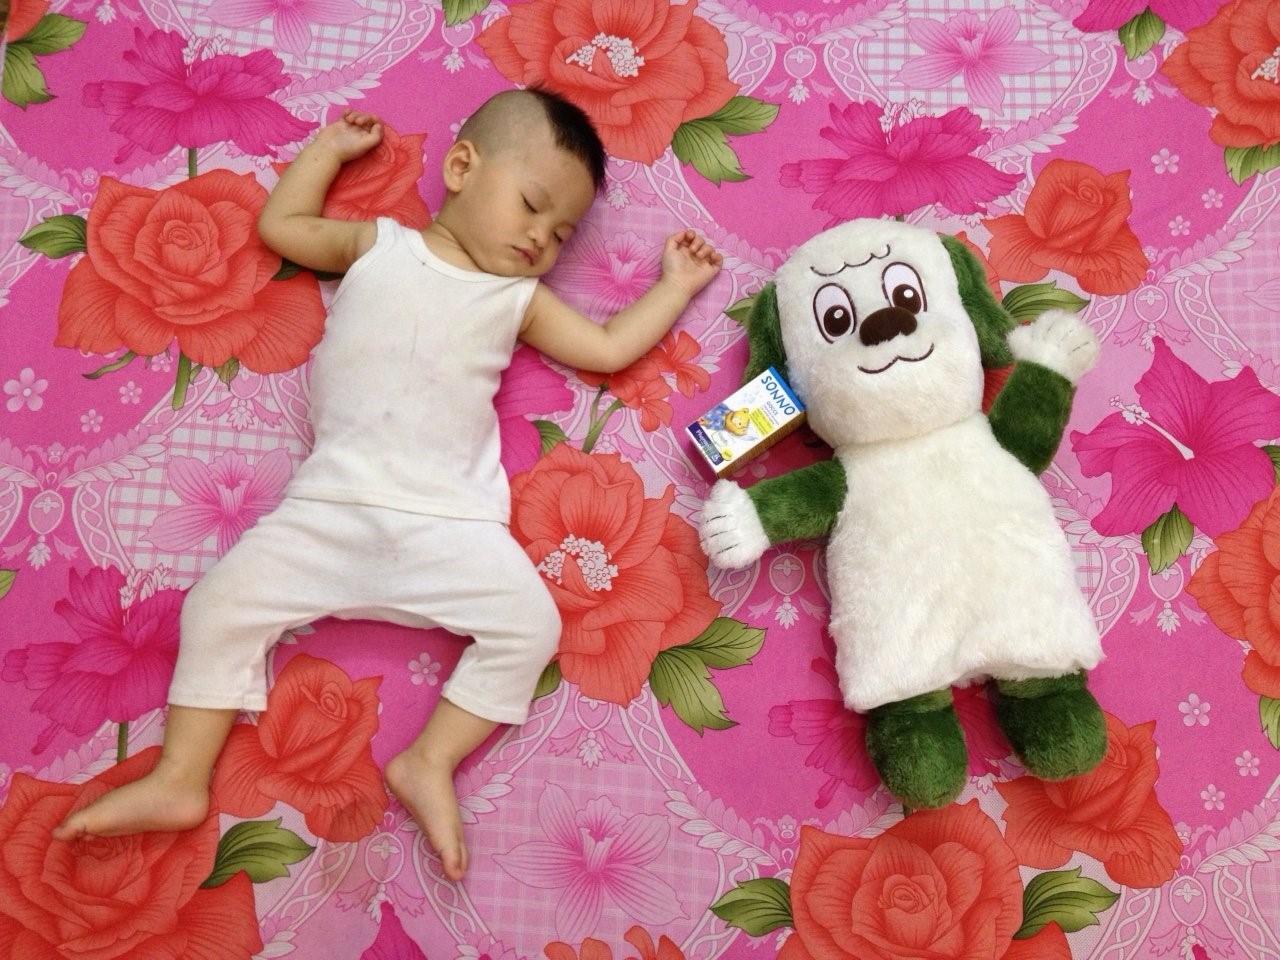 Trẻ sơ sinh ngủ ngày cày đêm, mẹ hãy áp dụng cách hiệu quả này! 1